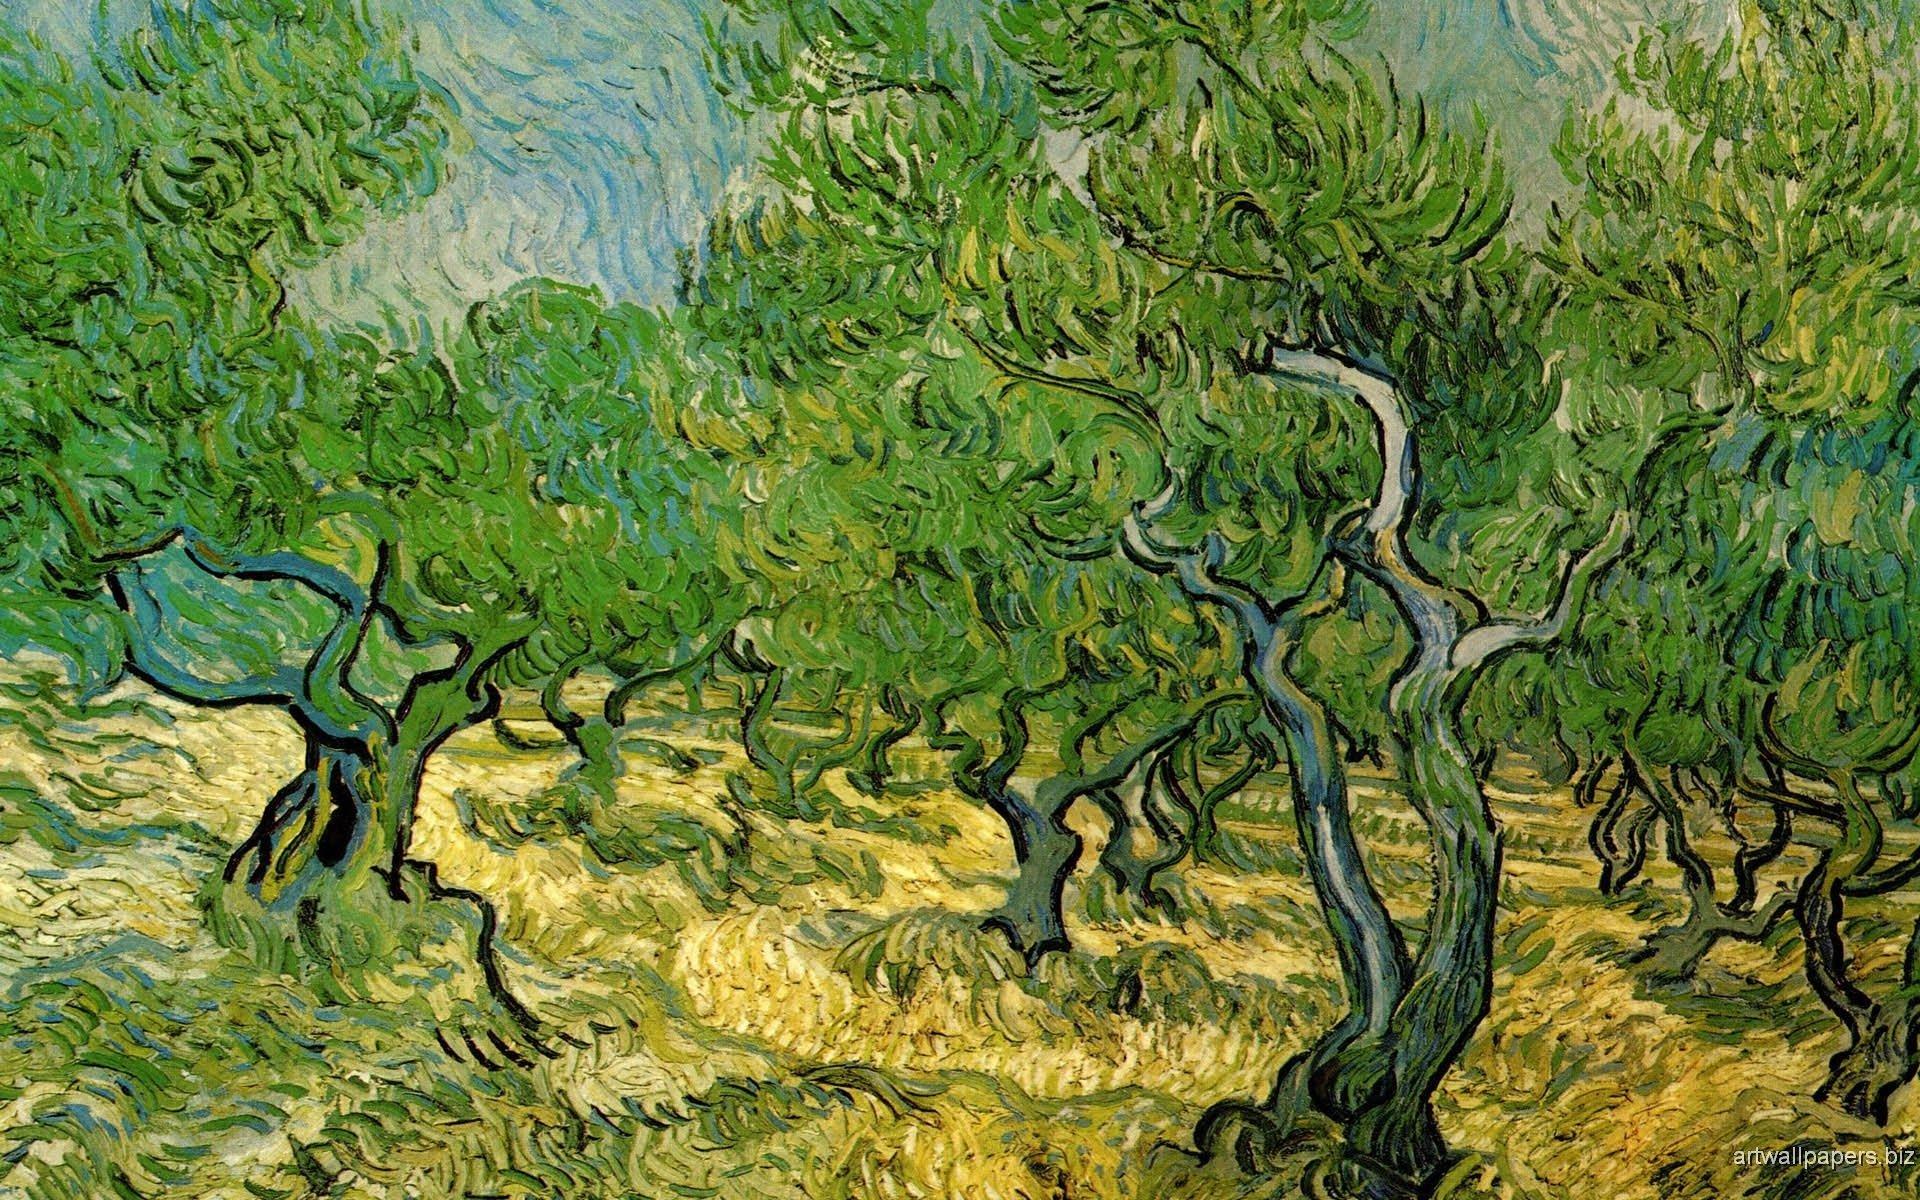 Fondo De Pantalla 1920x1200 Id: Vincent Van Gogh Full HD Fondo De Pantalla And Fondo De